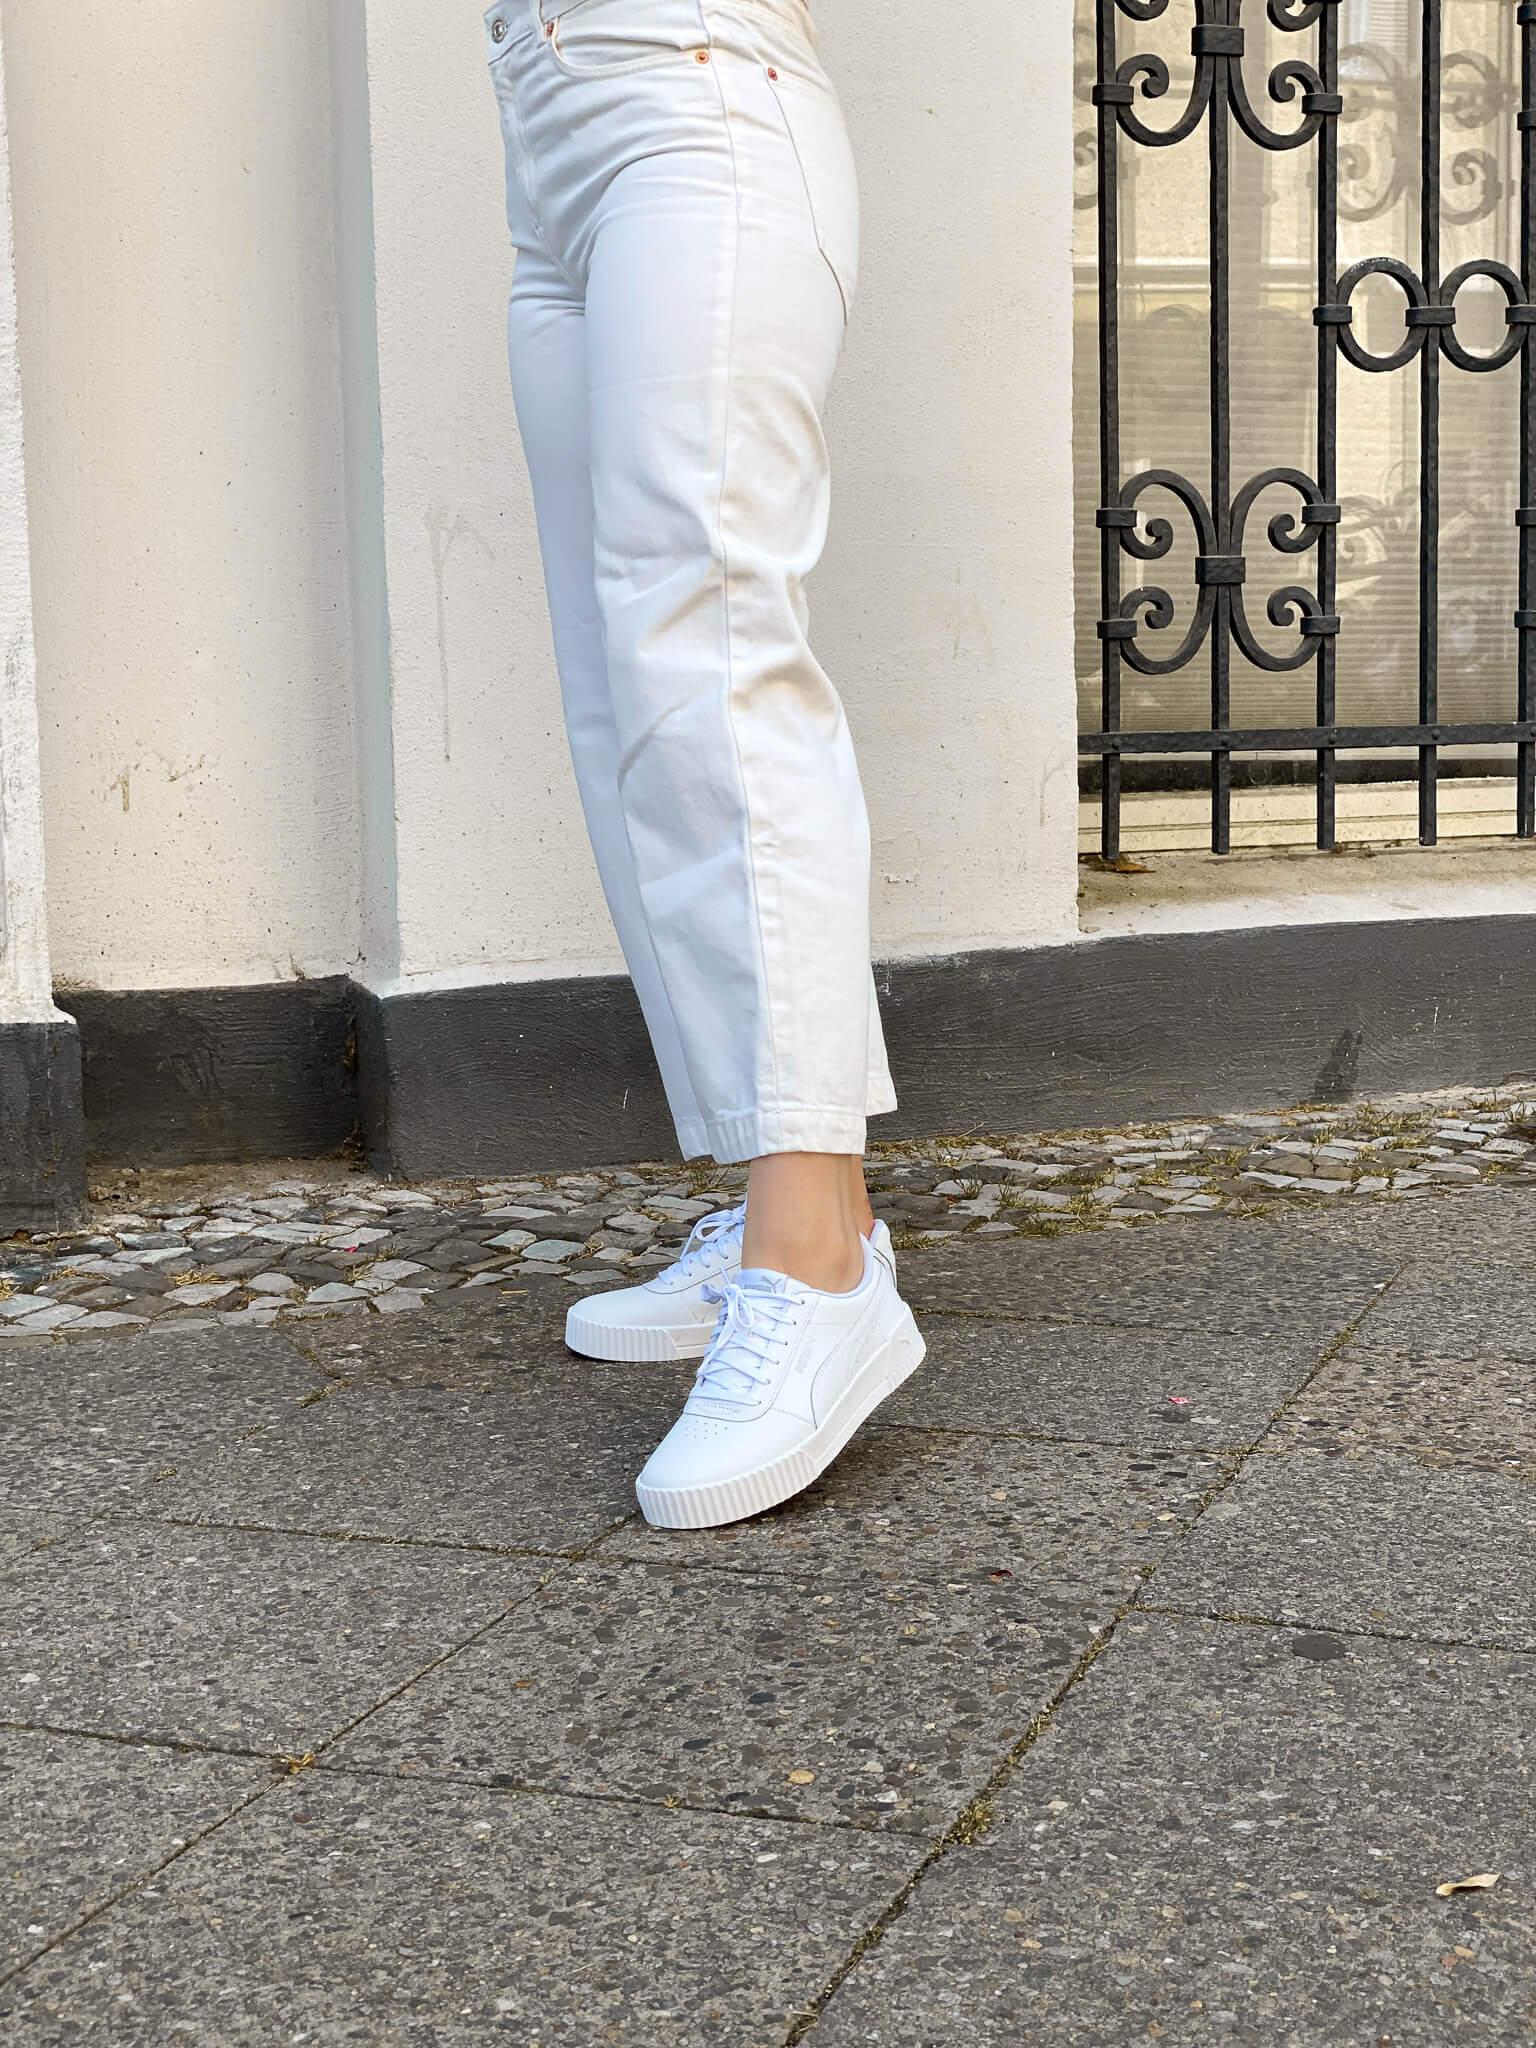 weite Hosen kombinieren Sommer look sneaker